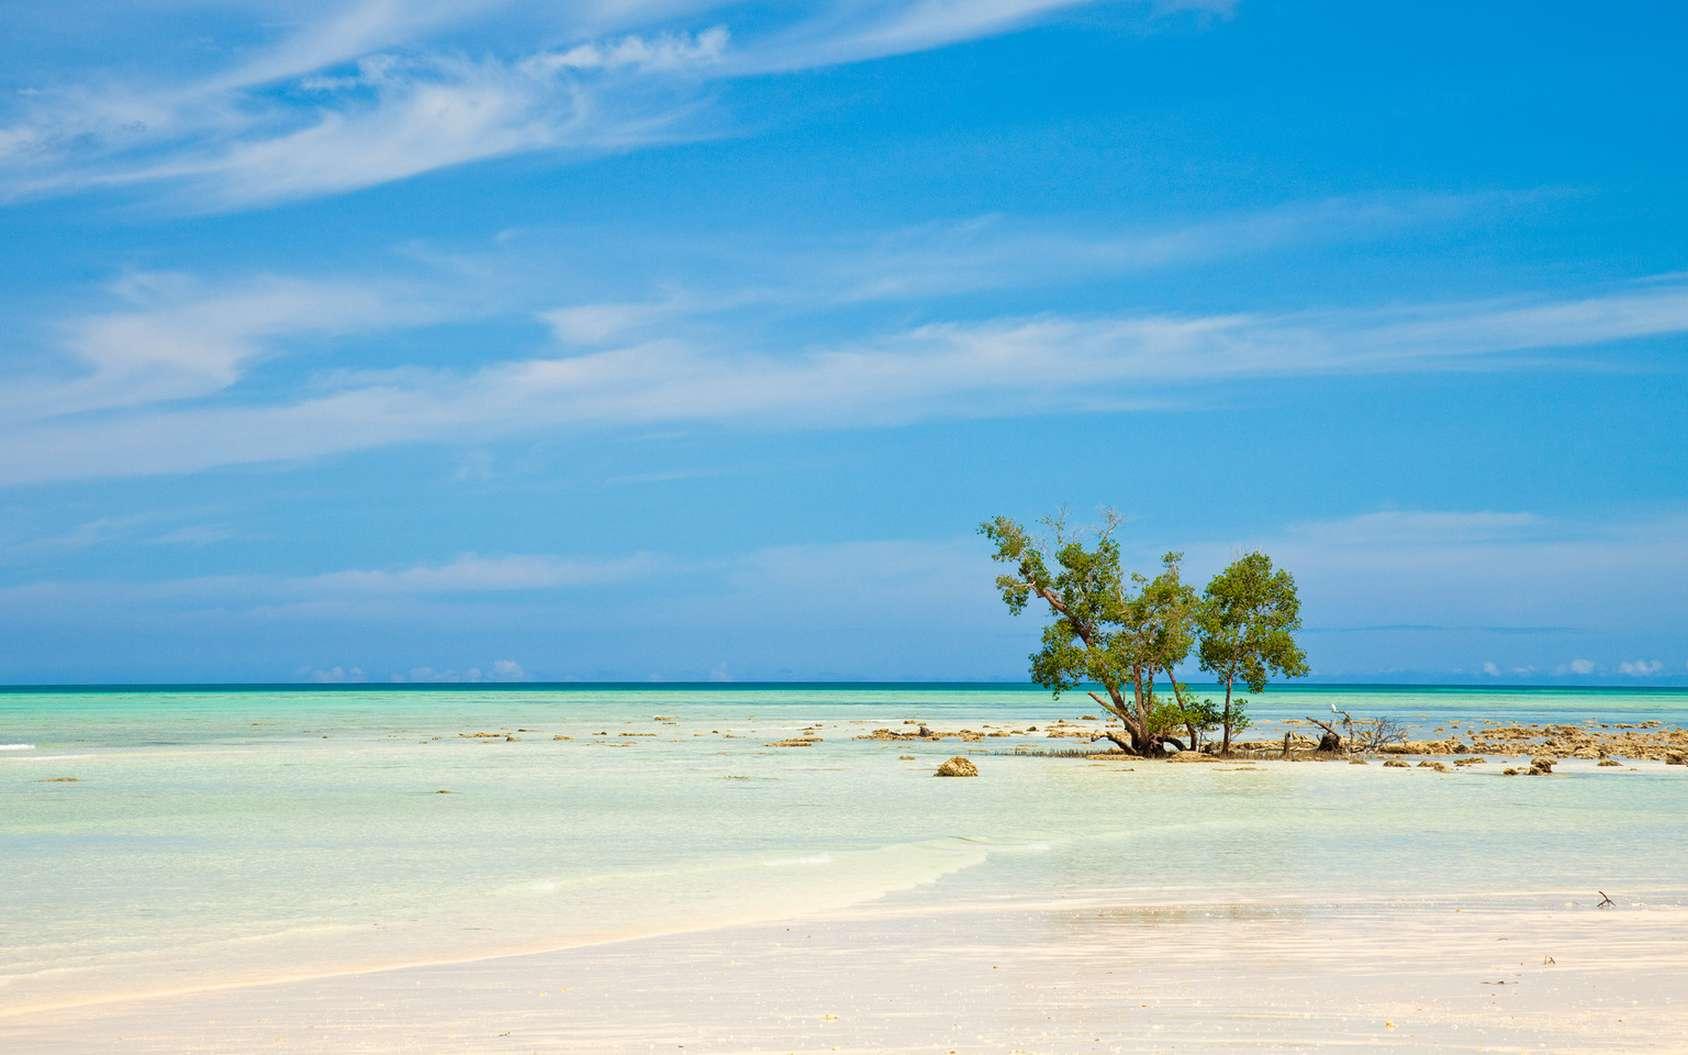 Dans l'ouest du Pacifique, les îles bordées de mangroves sont celles qui résistent le mieux à la montée des eaux. © nstanev, Fotolia